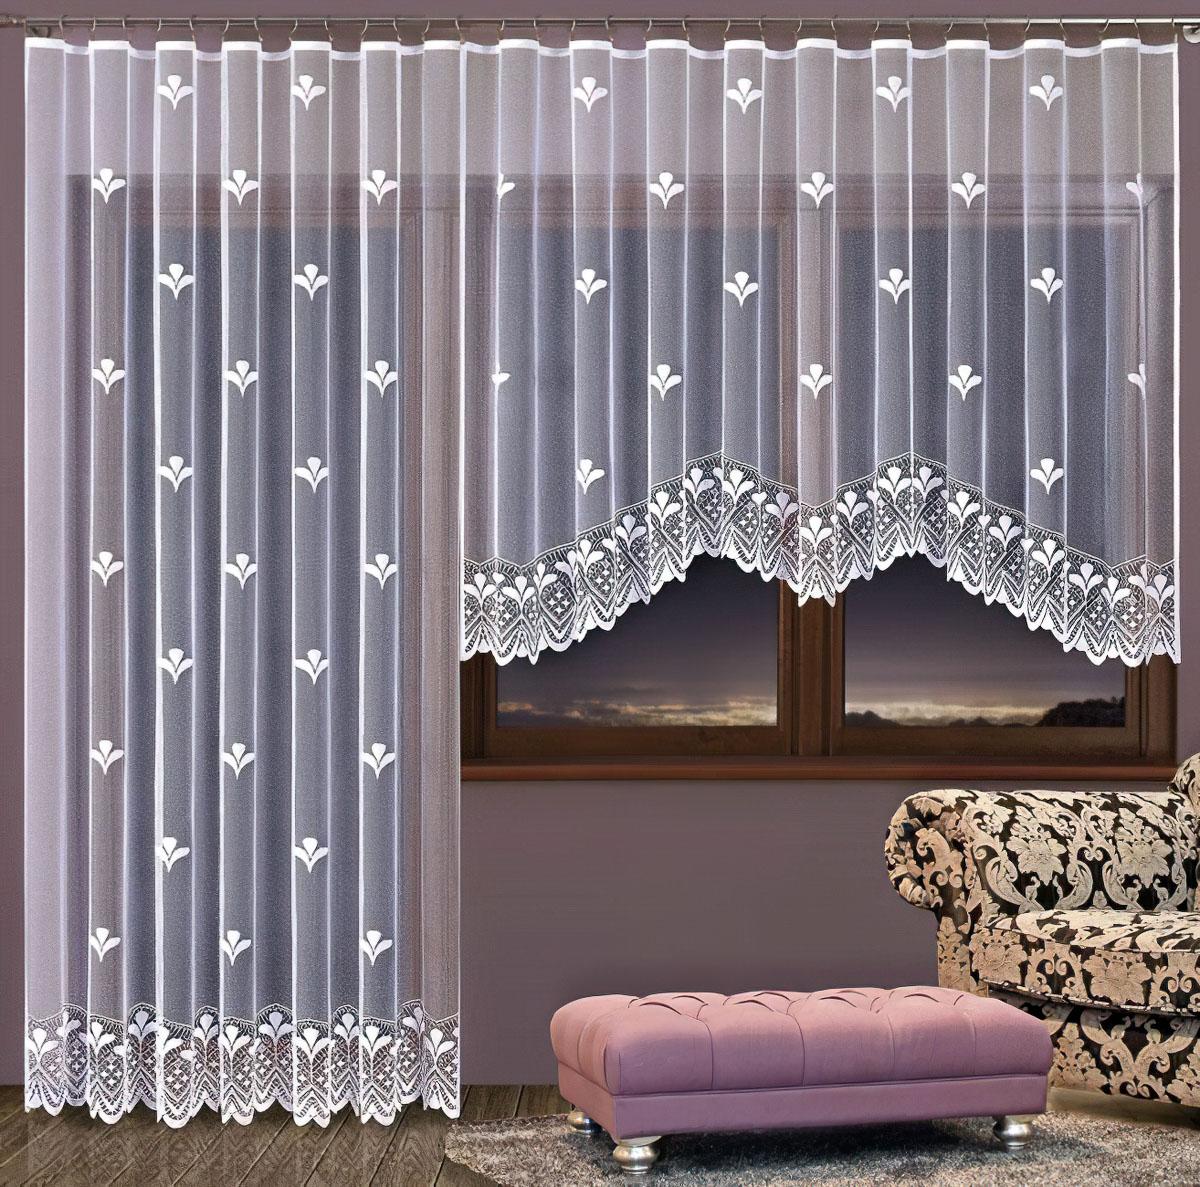 Forbyt kusová záclona PETRA jednobarevná bílá, výška 250 cm x šířka 200 cm (na dveře)